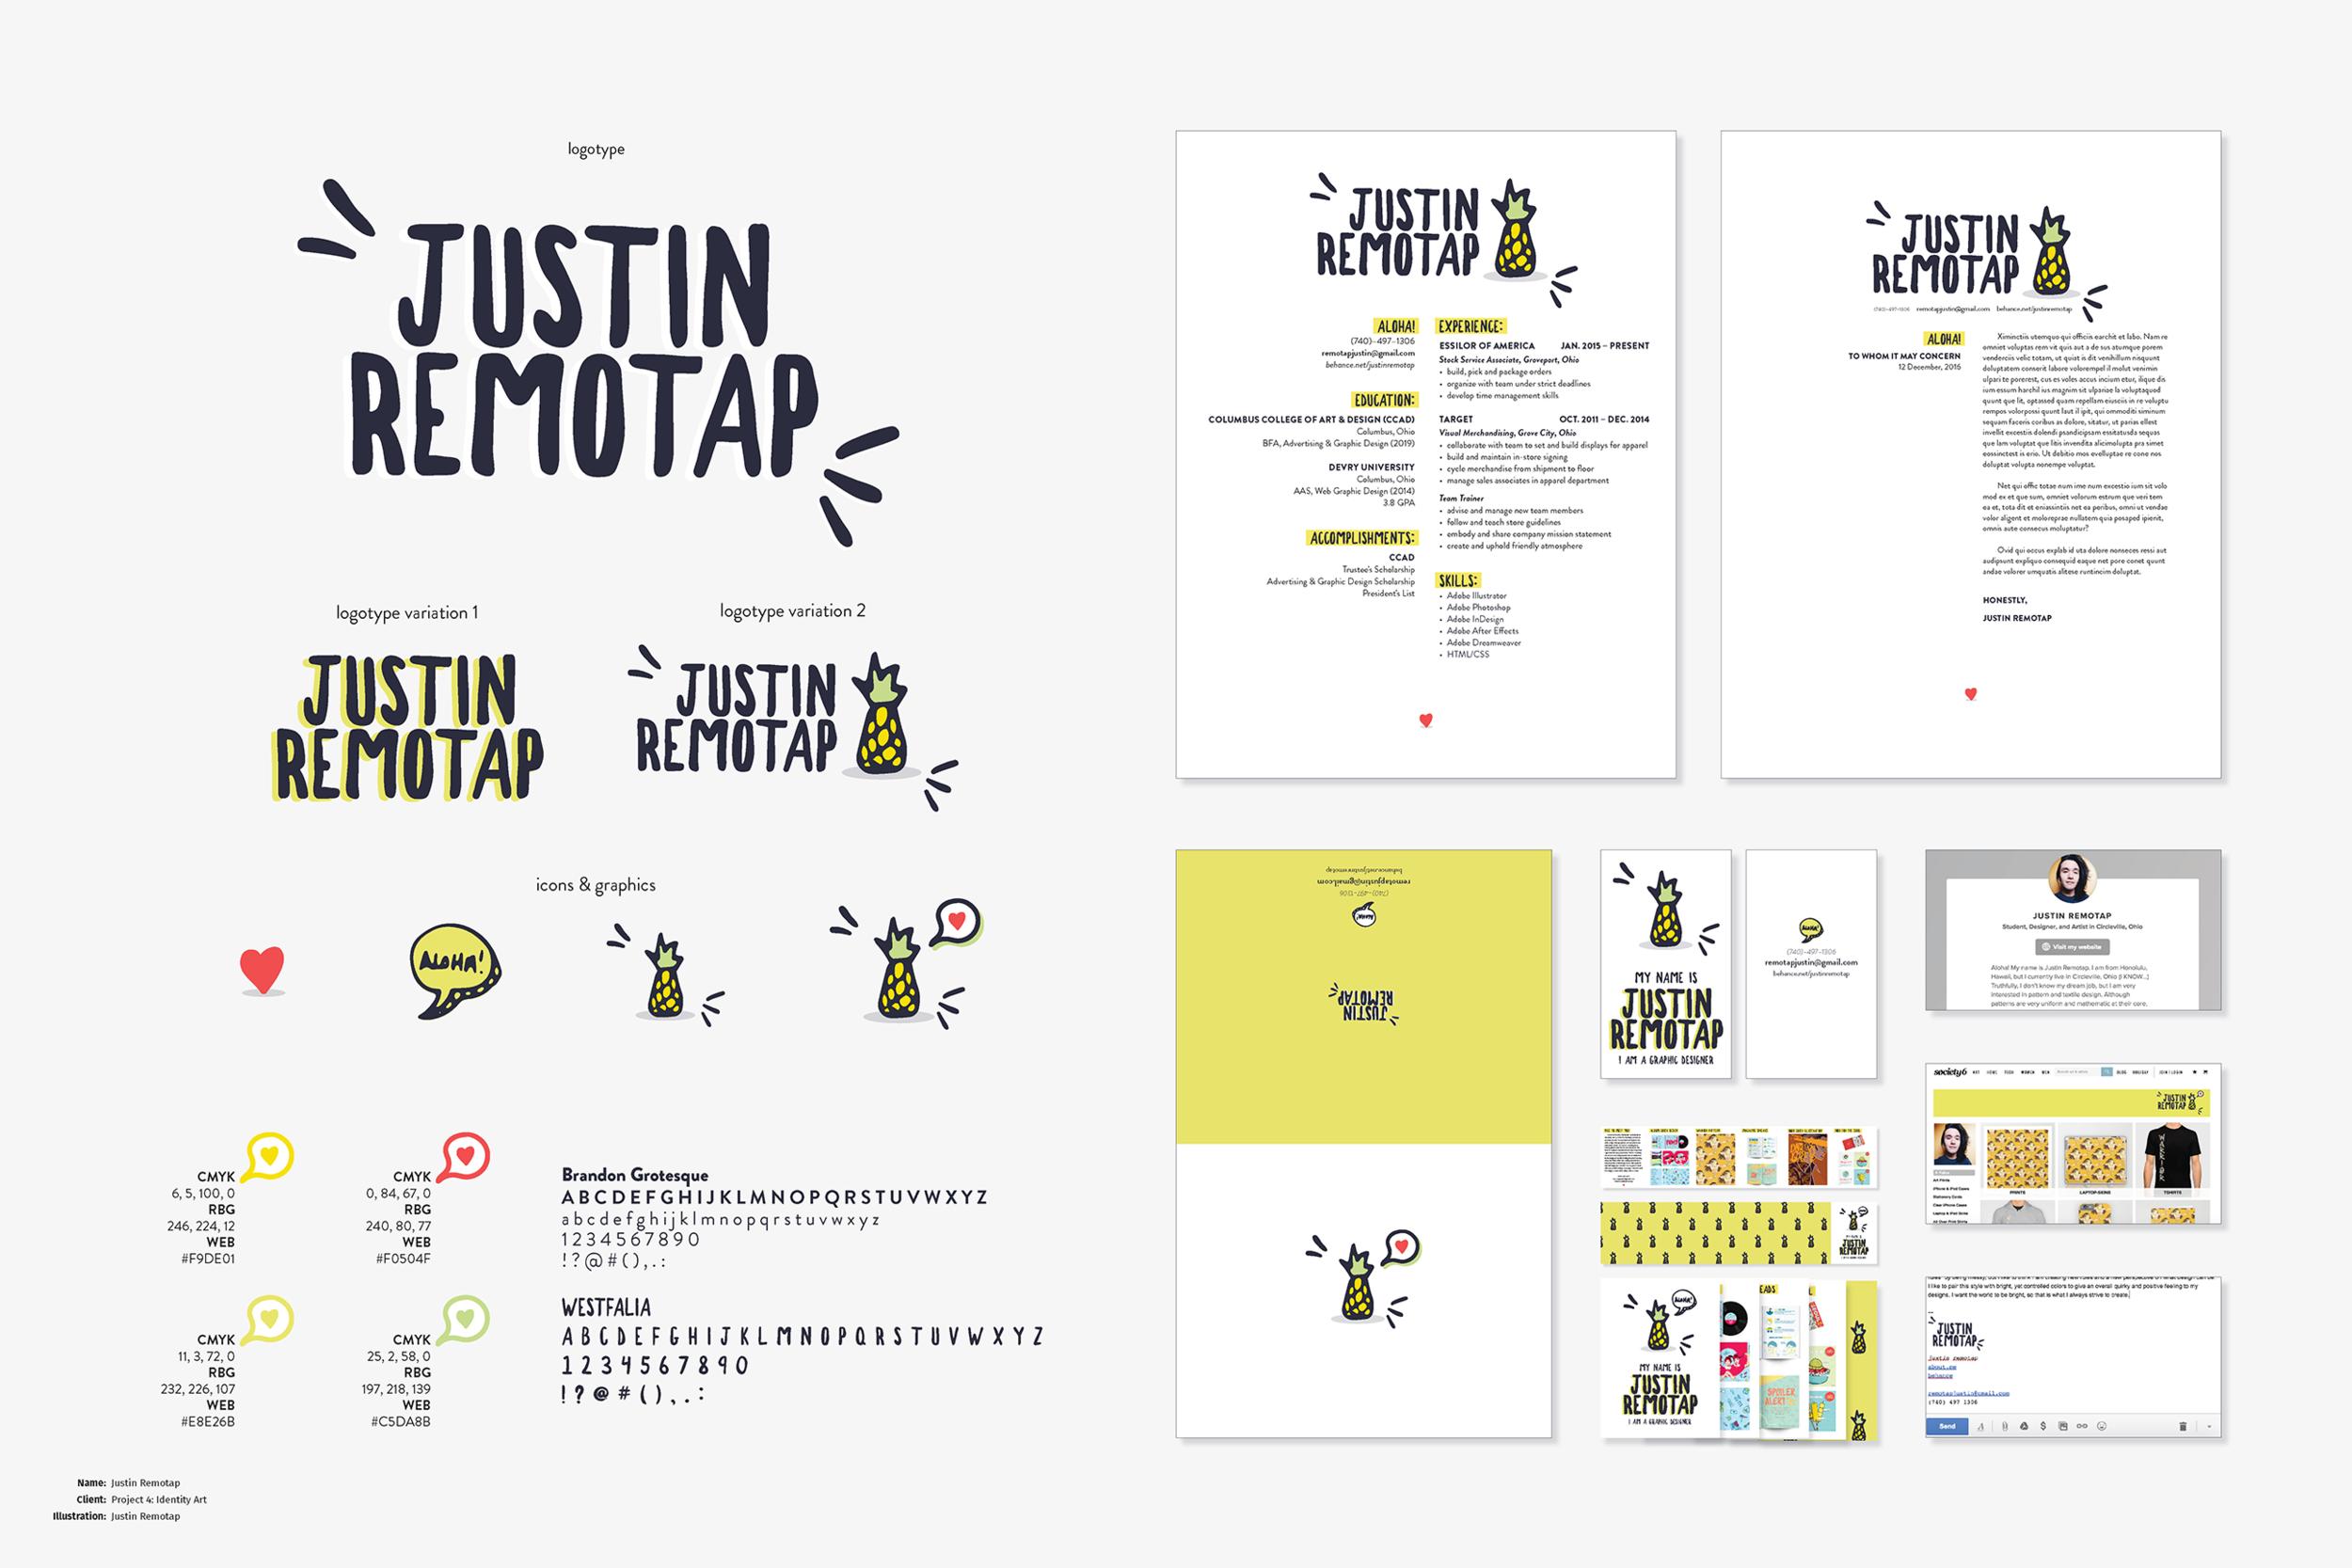 ADVE2291_vgolden_project_4_justinremotap_presentationboard.png